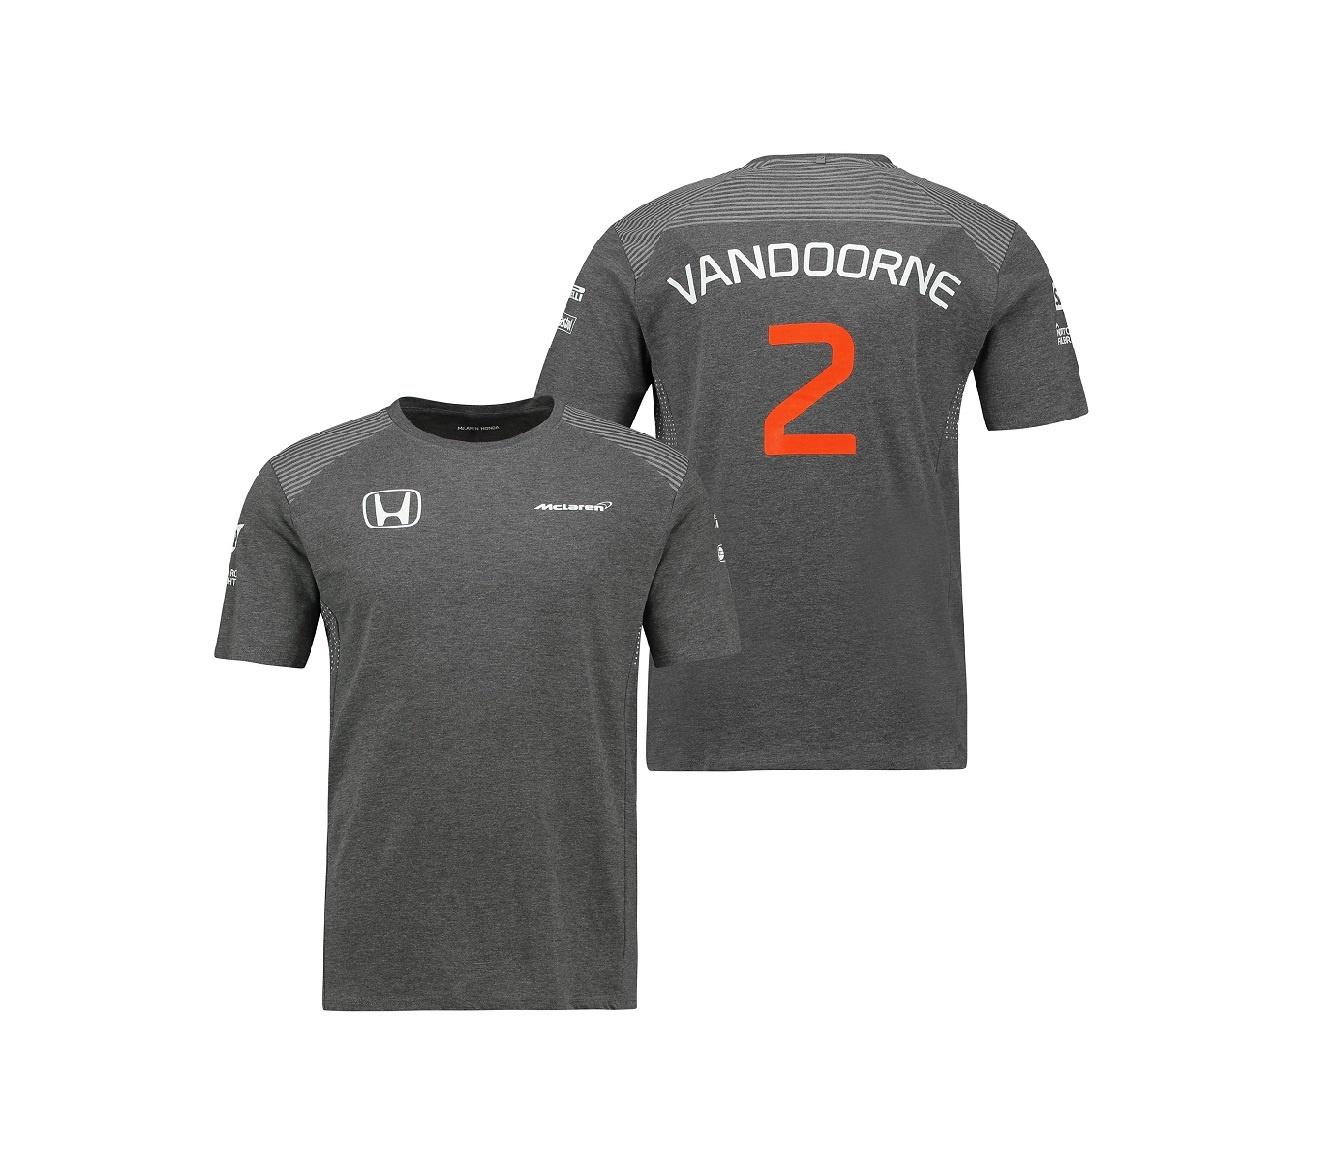 McLaren Mann - Stoffel Vandoorne T-shirt 2017